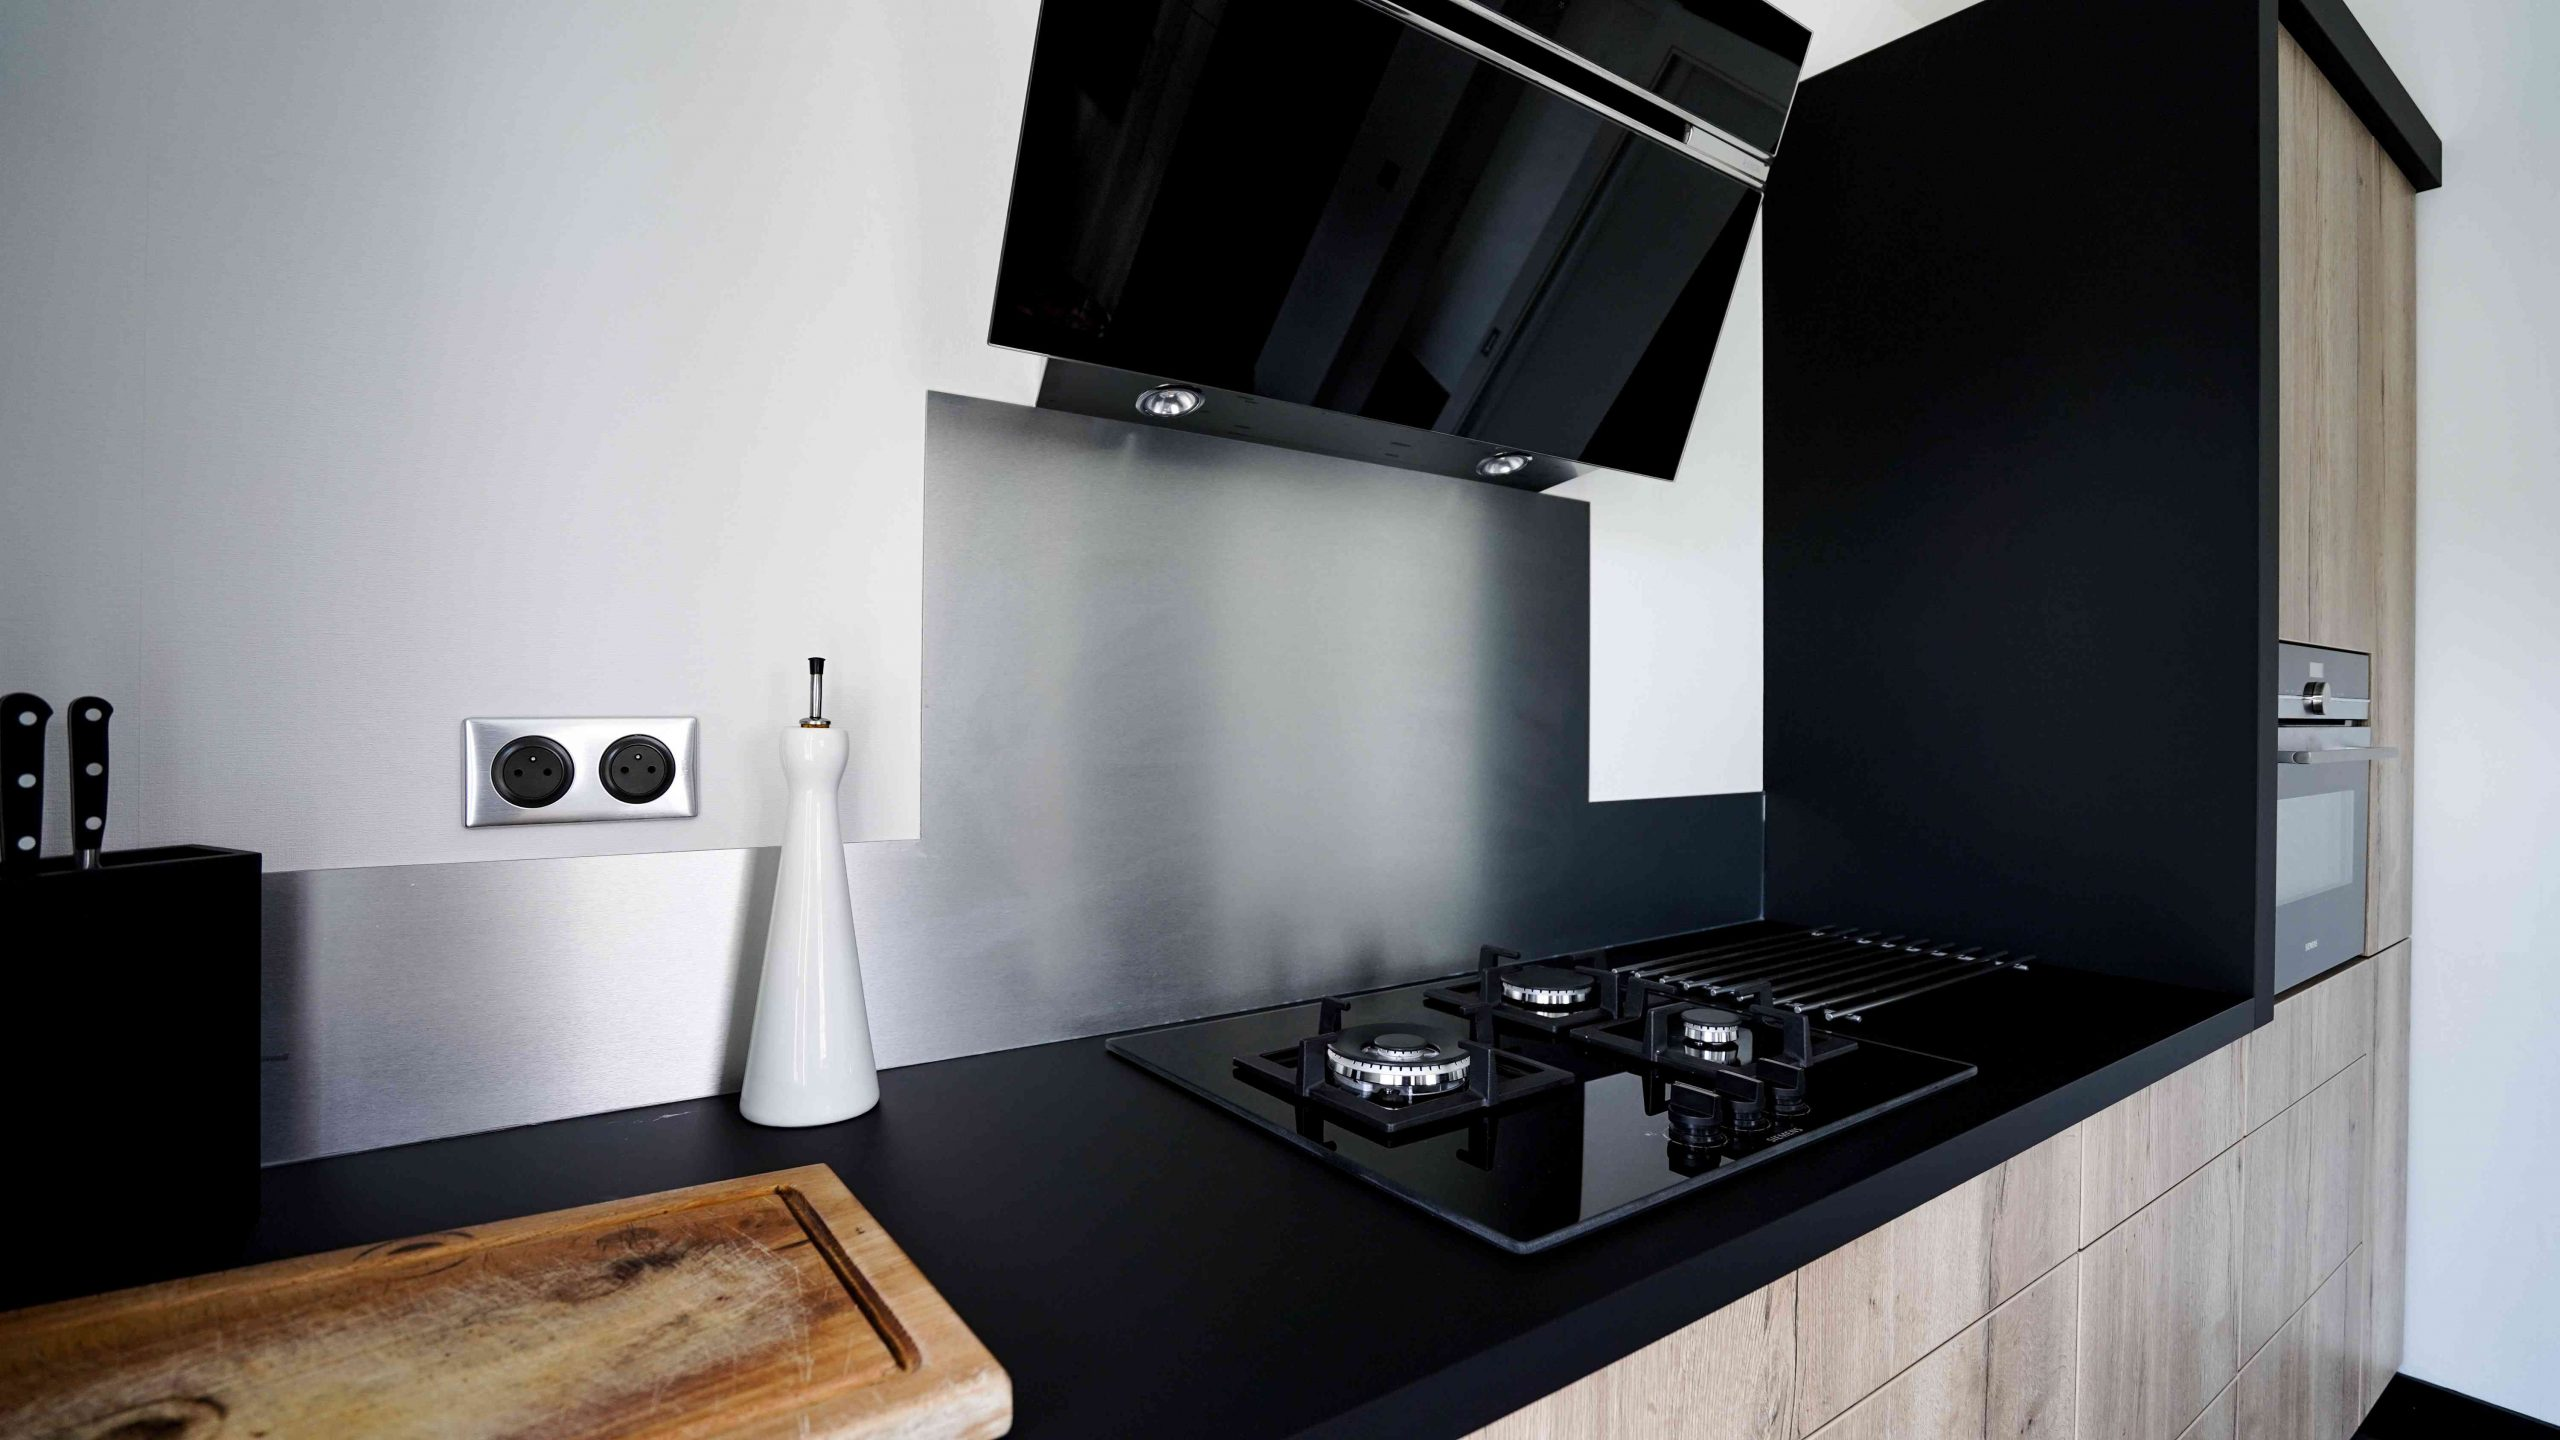 RDI01256 scaled - Cuisine noir et chêne avec table de repas arrondie